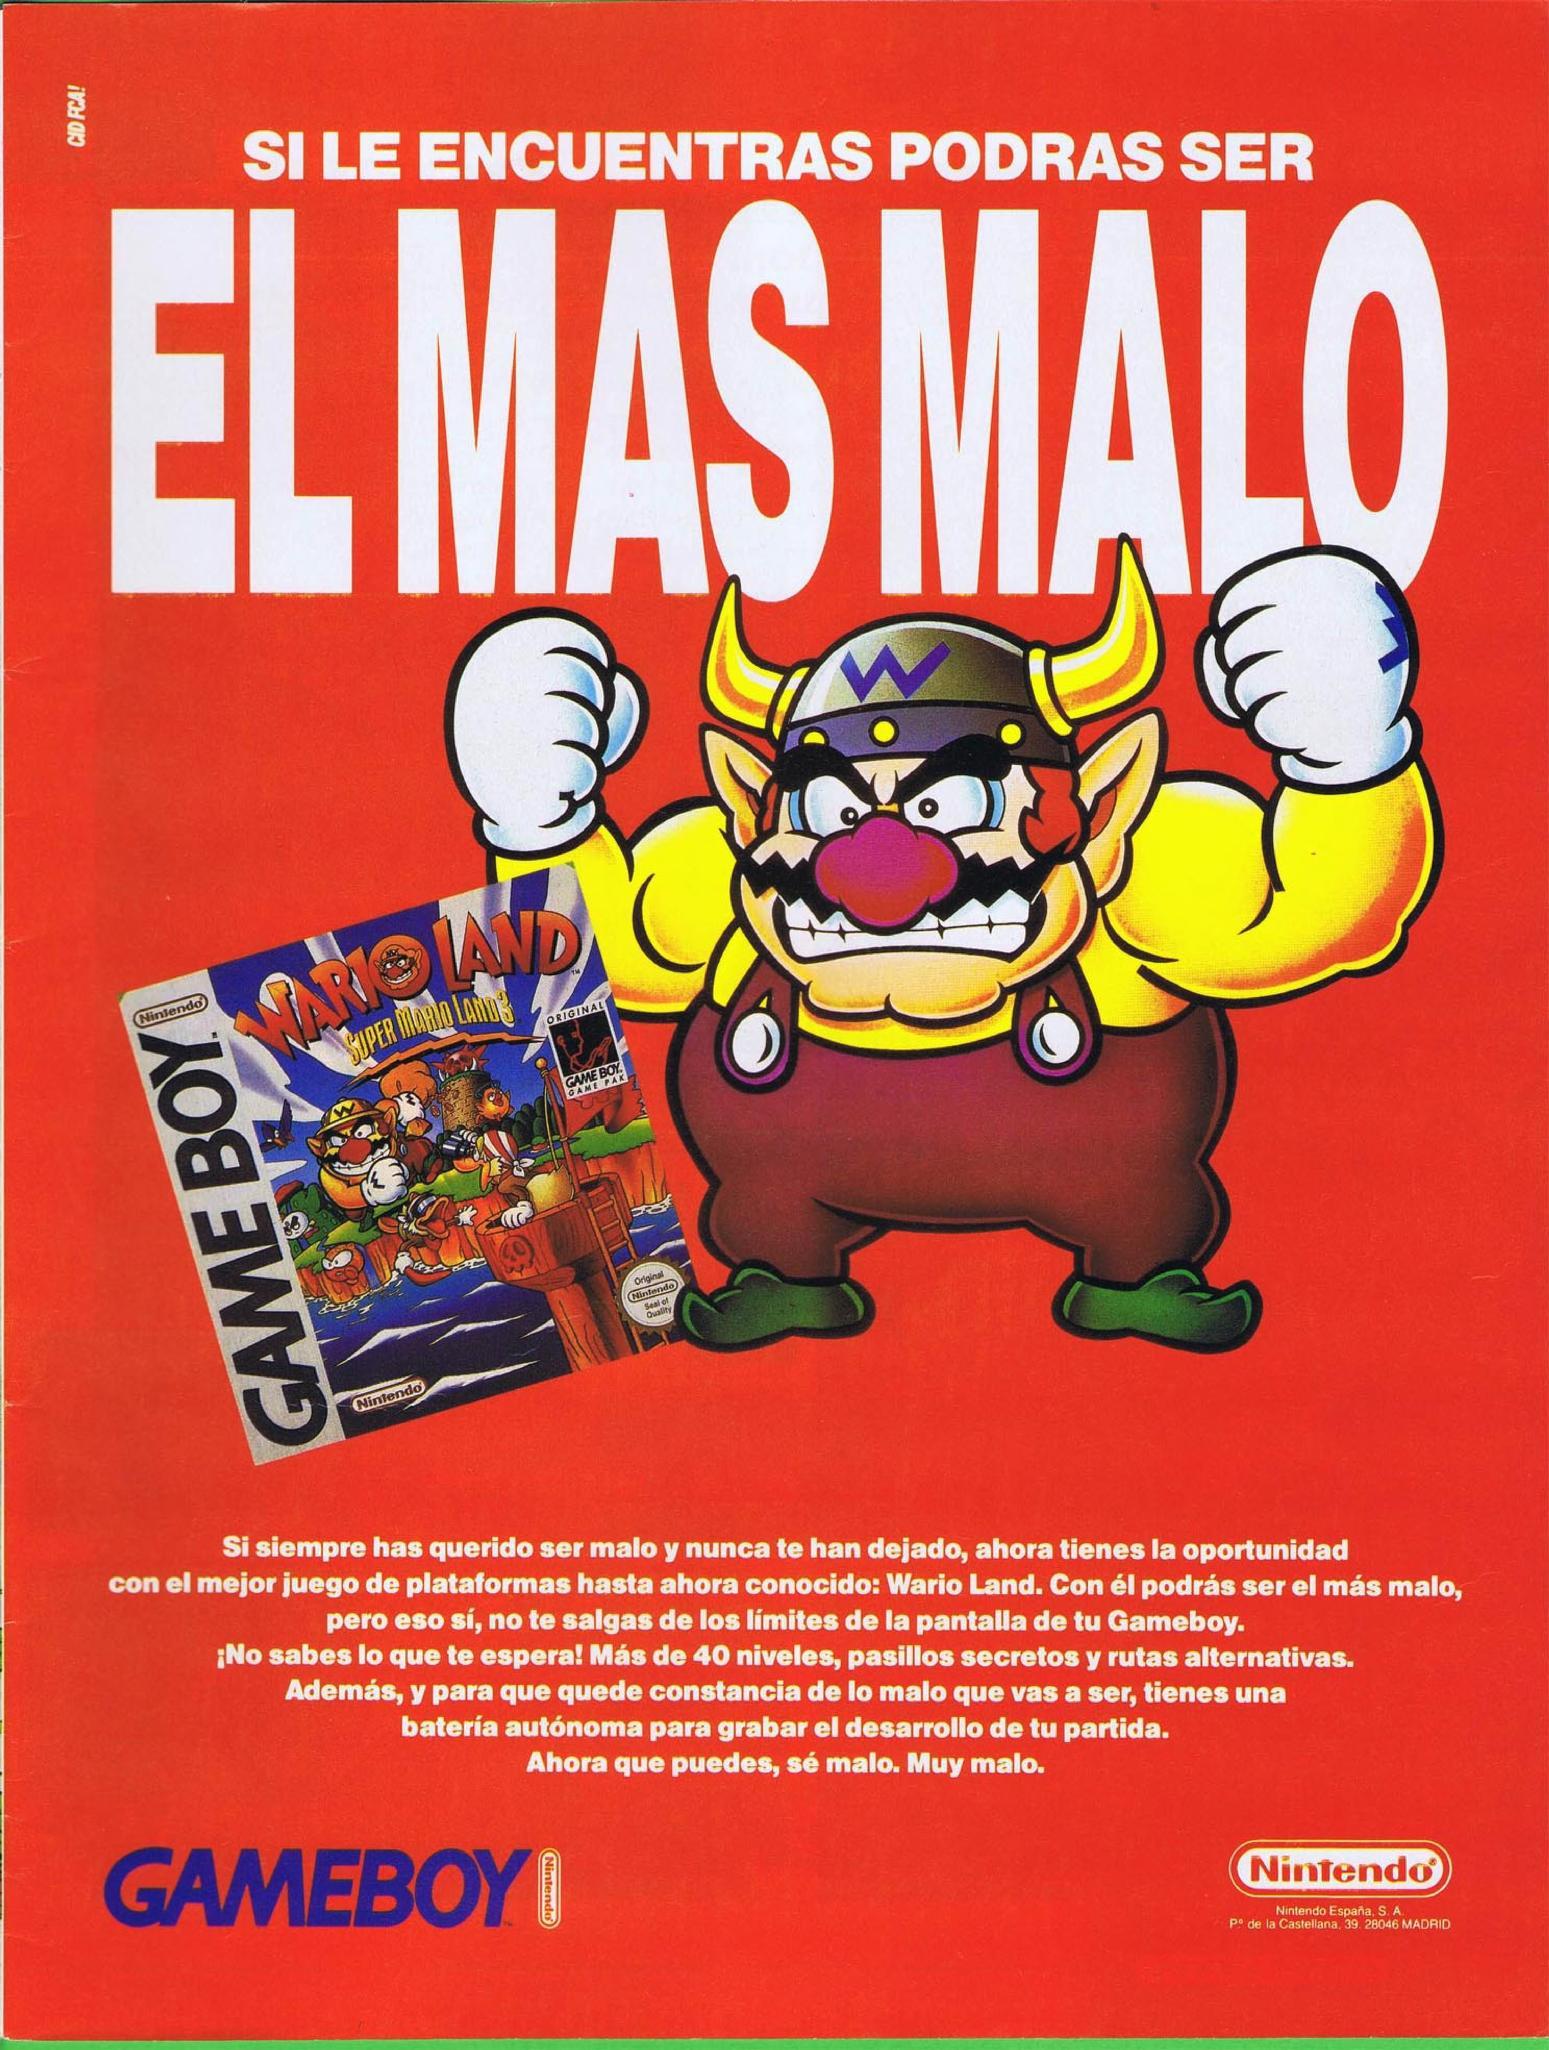 Nintendo_Accion_020_0006.jpg